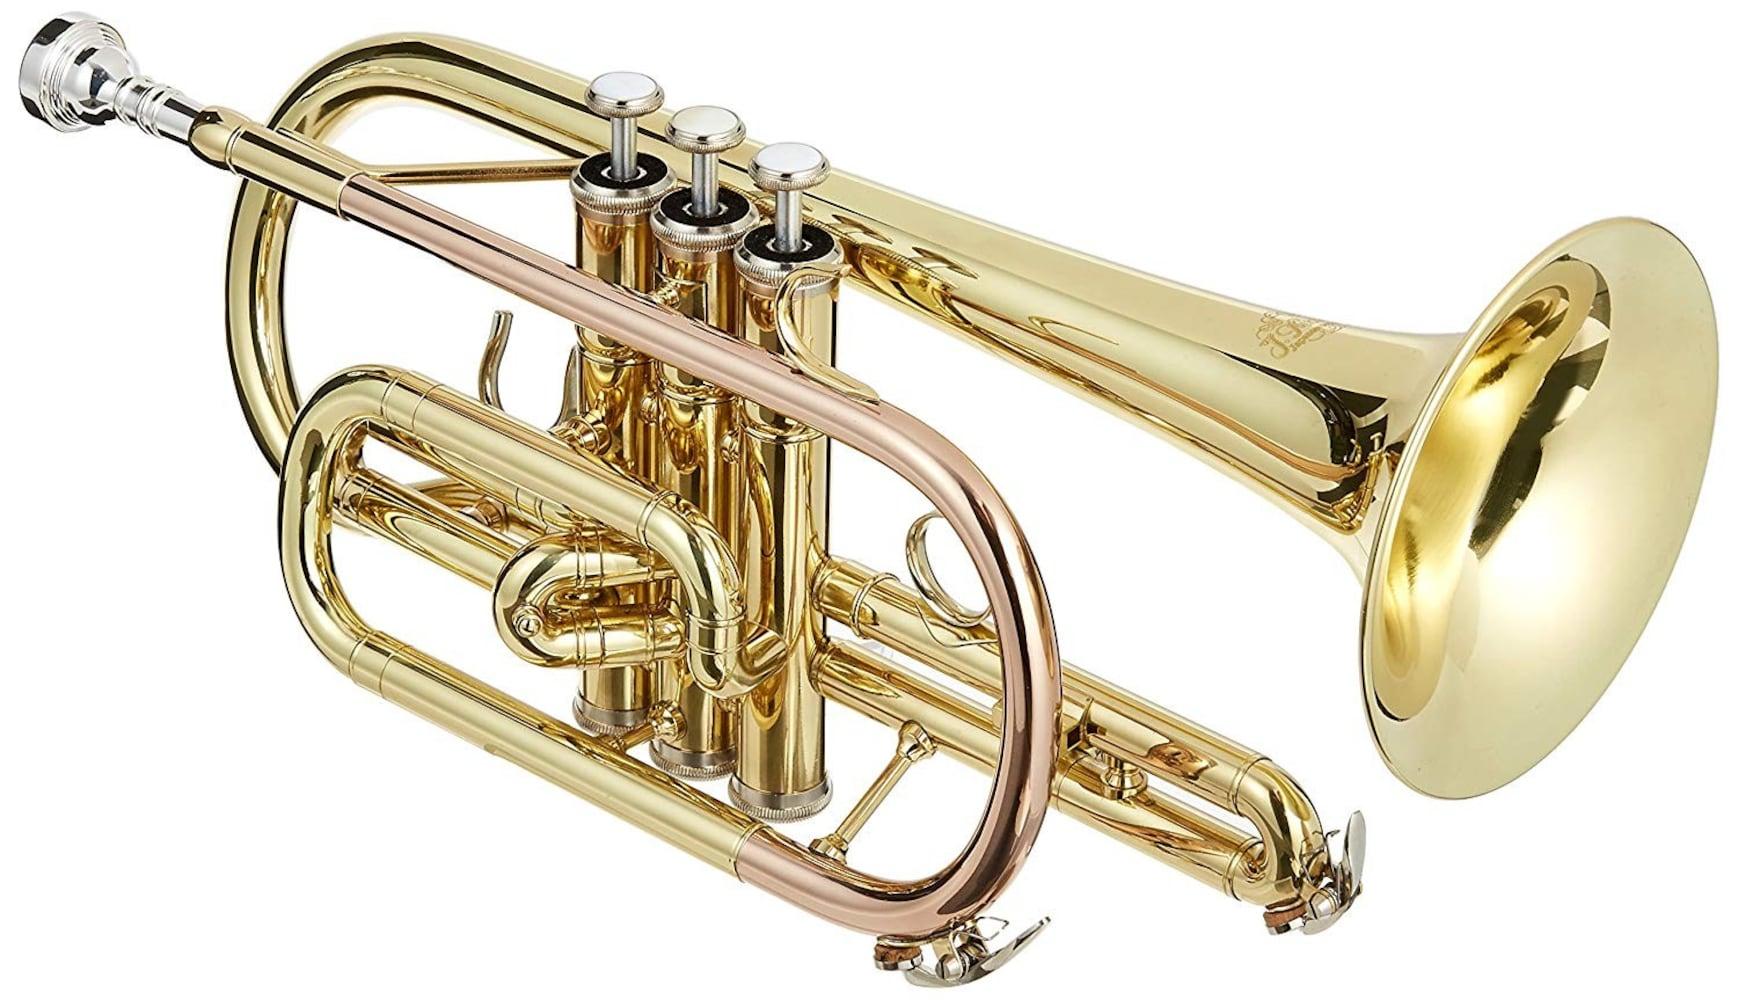 B♭コルネット|音色が柔らかいショートタイプ、明るいロングコルタイプ